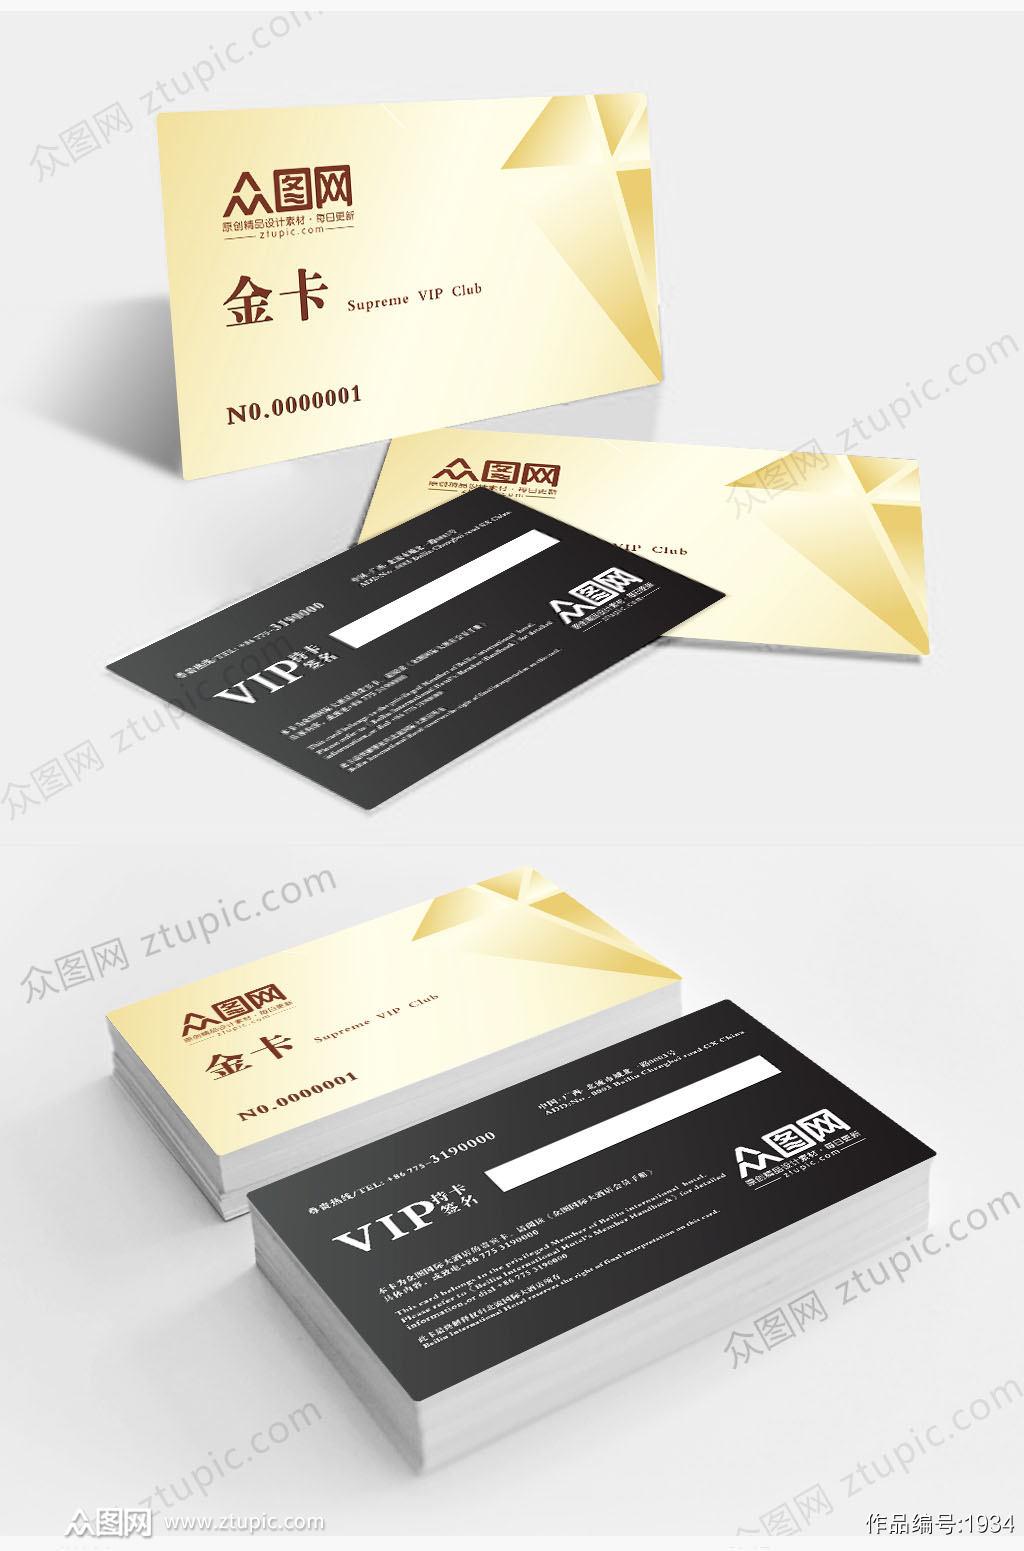 大气金色商务VIP贵宾卡会员卡素材